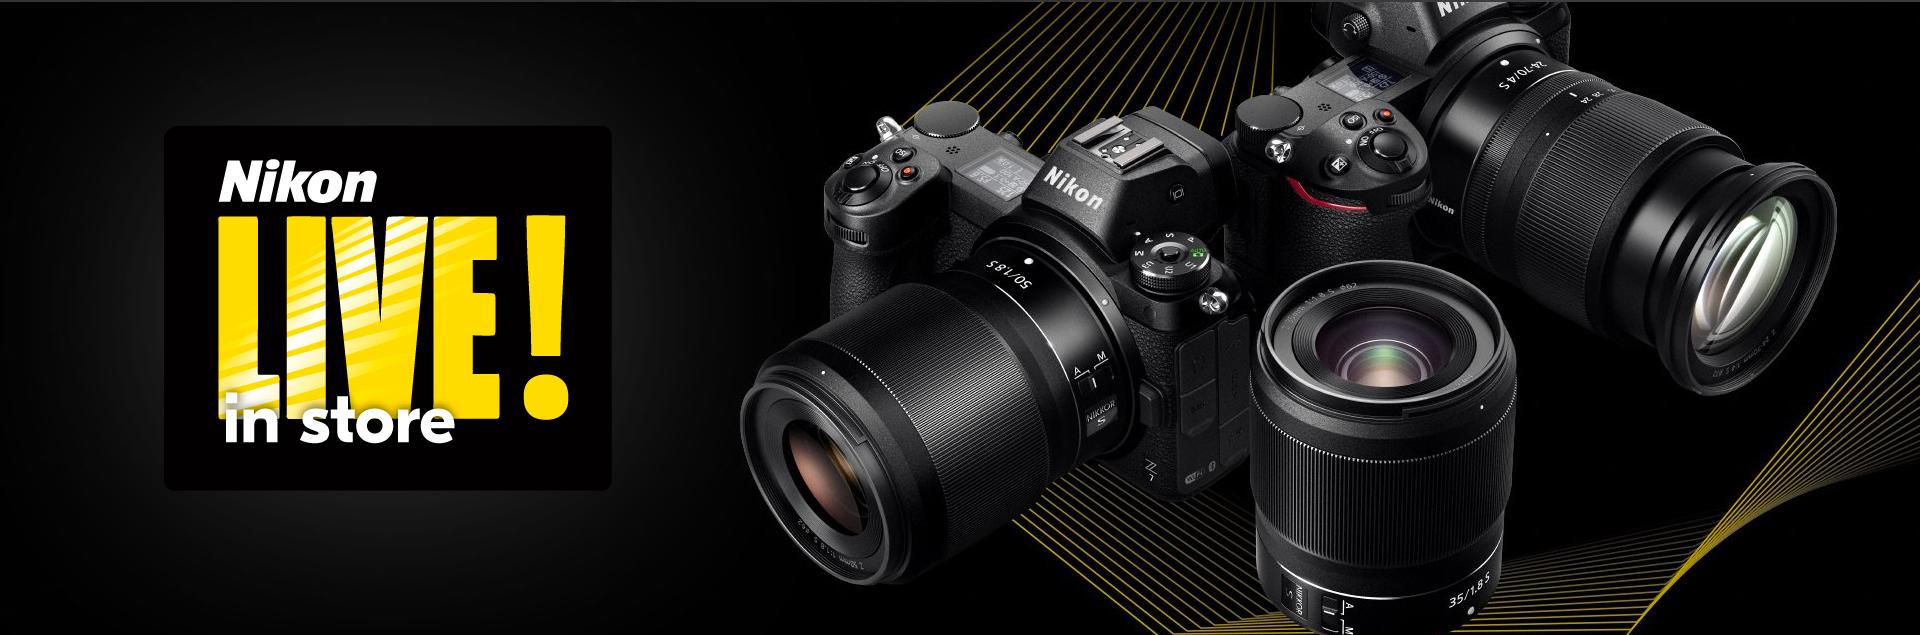 Scopri la nuova Nikon Z Alla Rotonda con Nikon Live! in Store